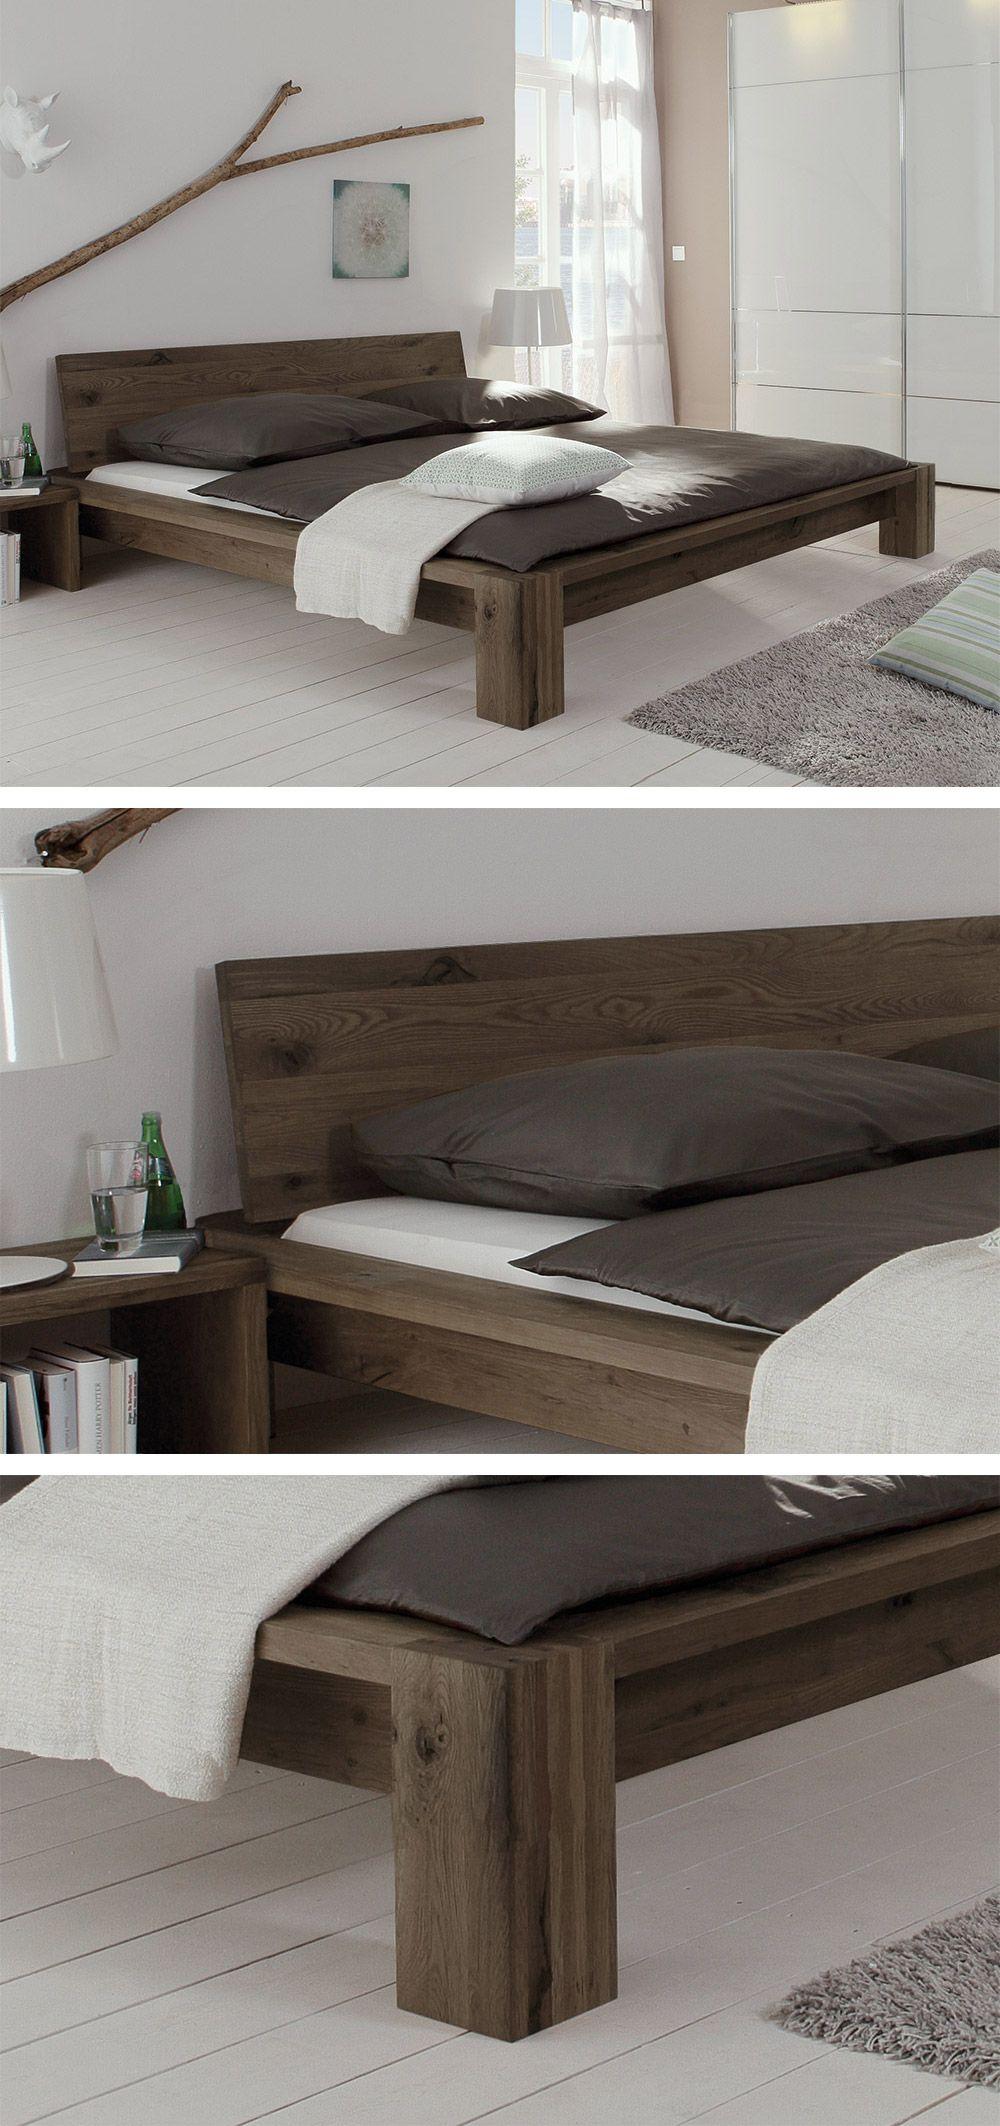 Massives Holzbett Aus Gebürsteter Wildeiche. Geölt In Drei Verschiedenen  Farben. #massiv #schlafen #bett #holz #schlafzimmer | Betten.de ...